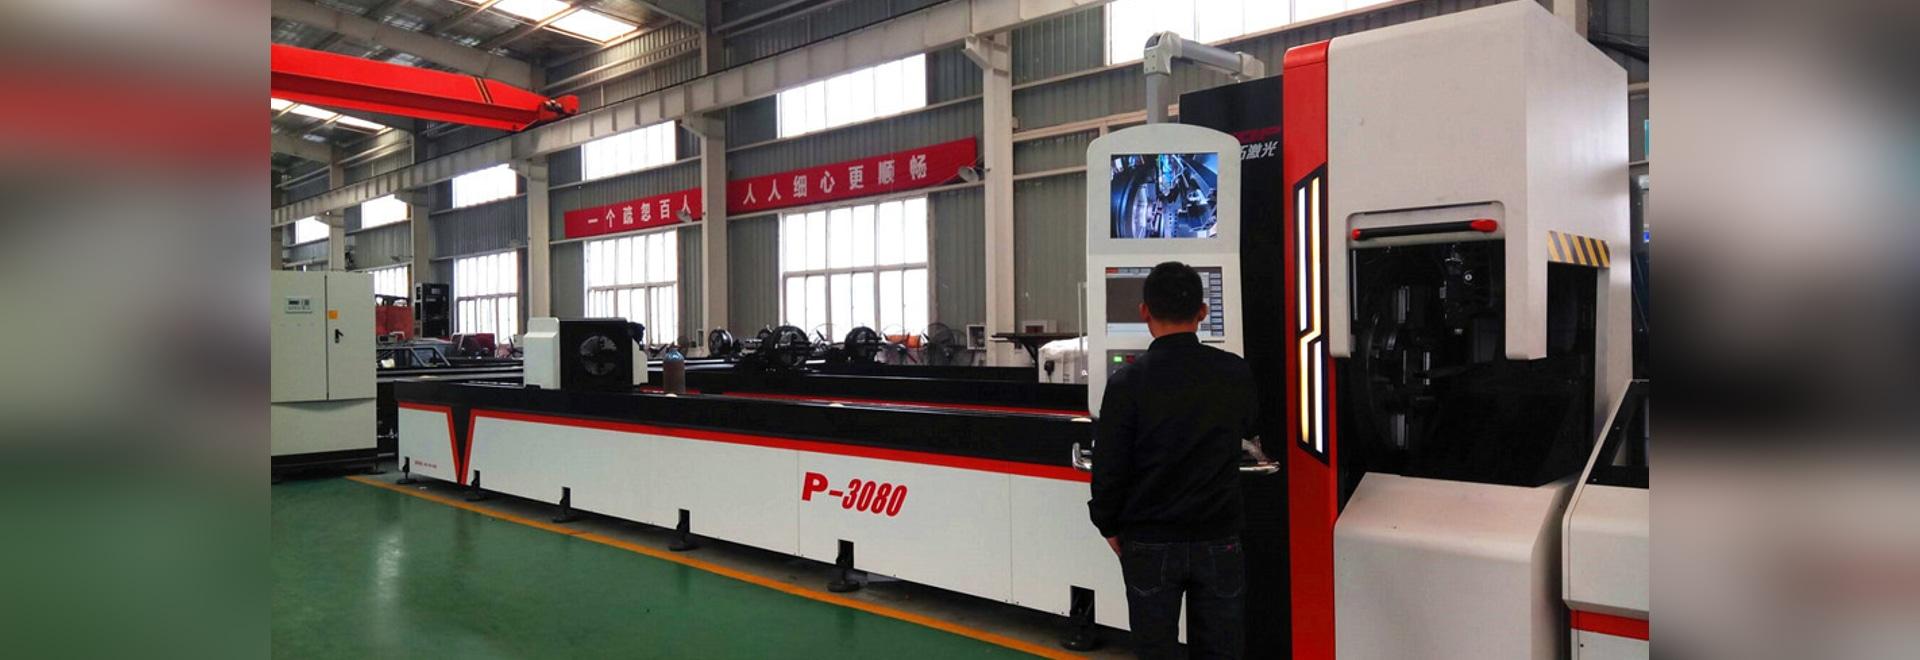 Láser de Oro / Profesional Pipe máquina de corte por láser P3080 / tubo láser cortador